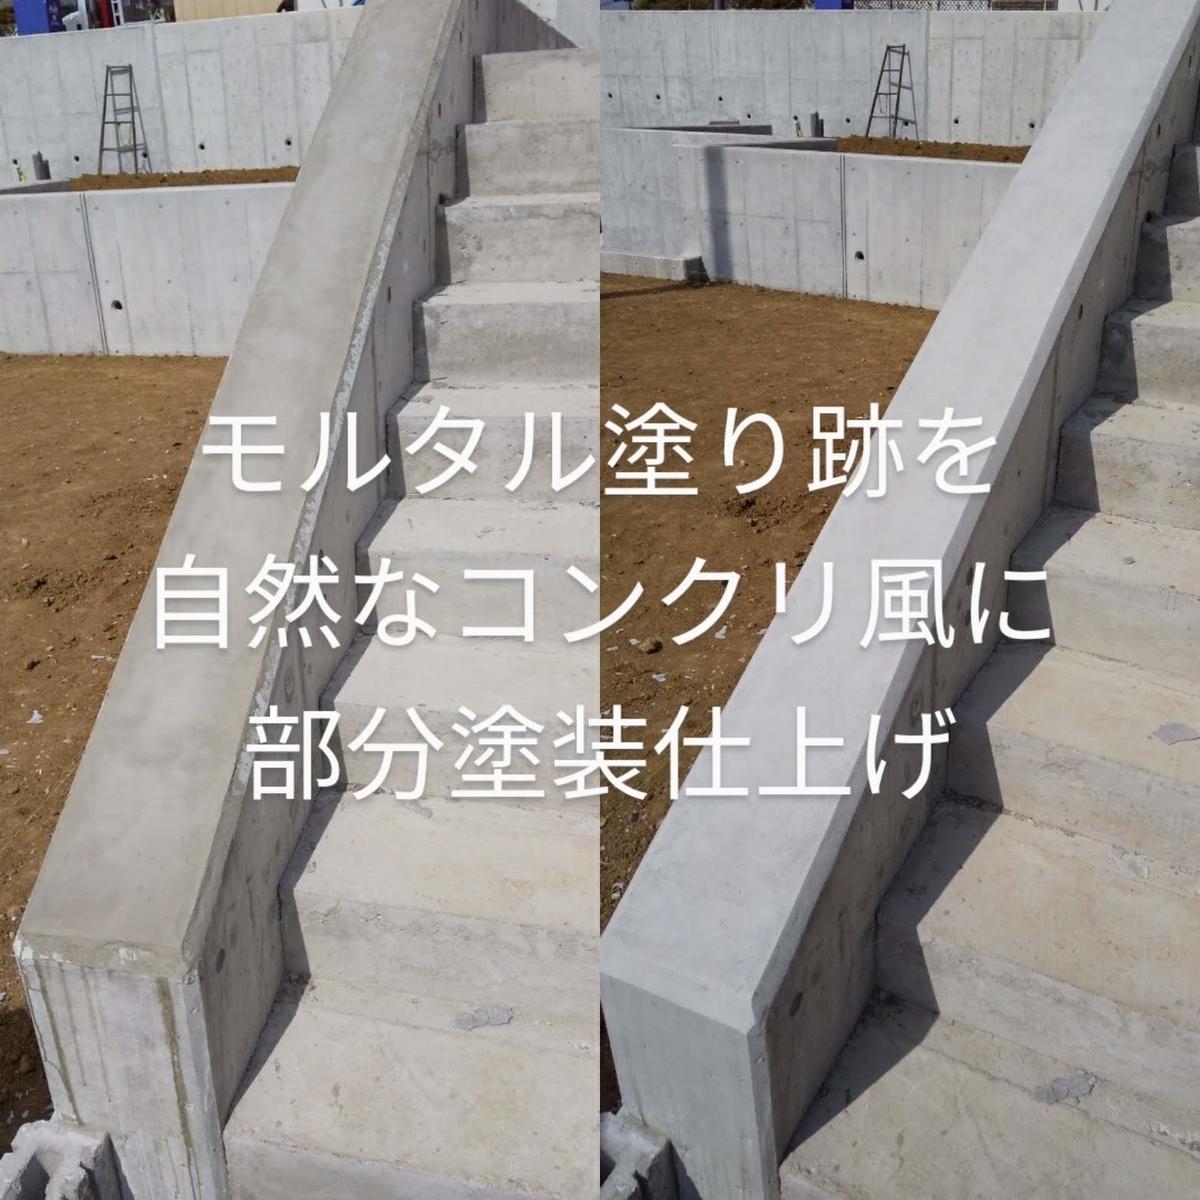 f:id:sakikaku2009:20200416204859j:plain